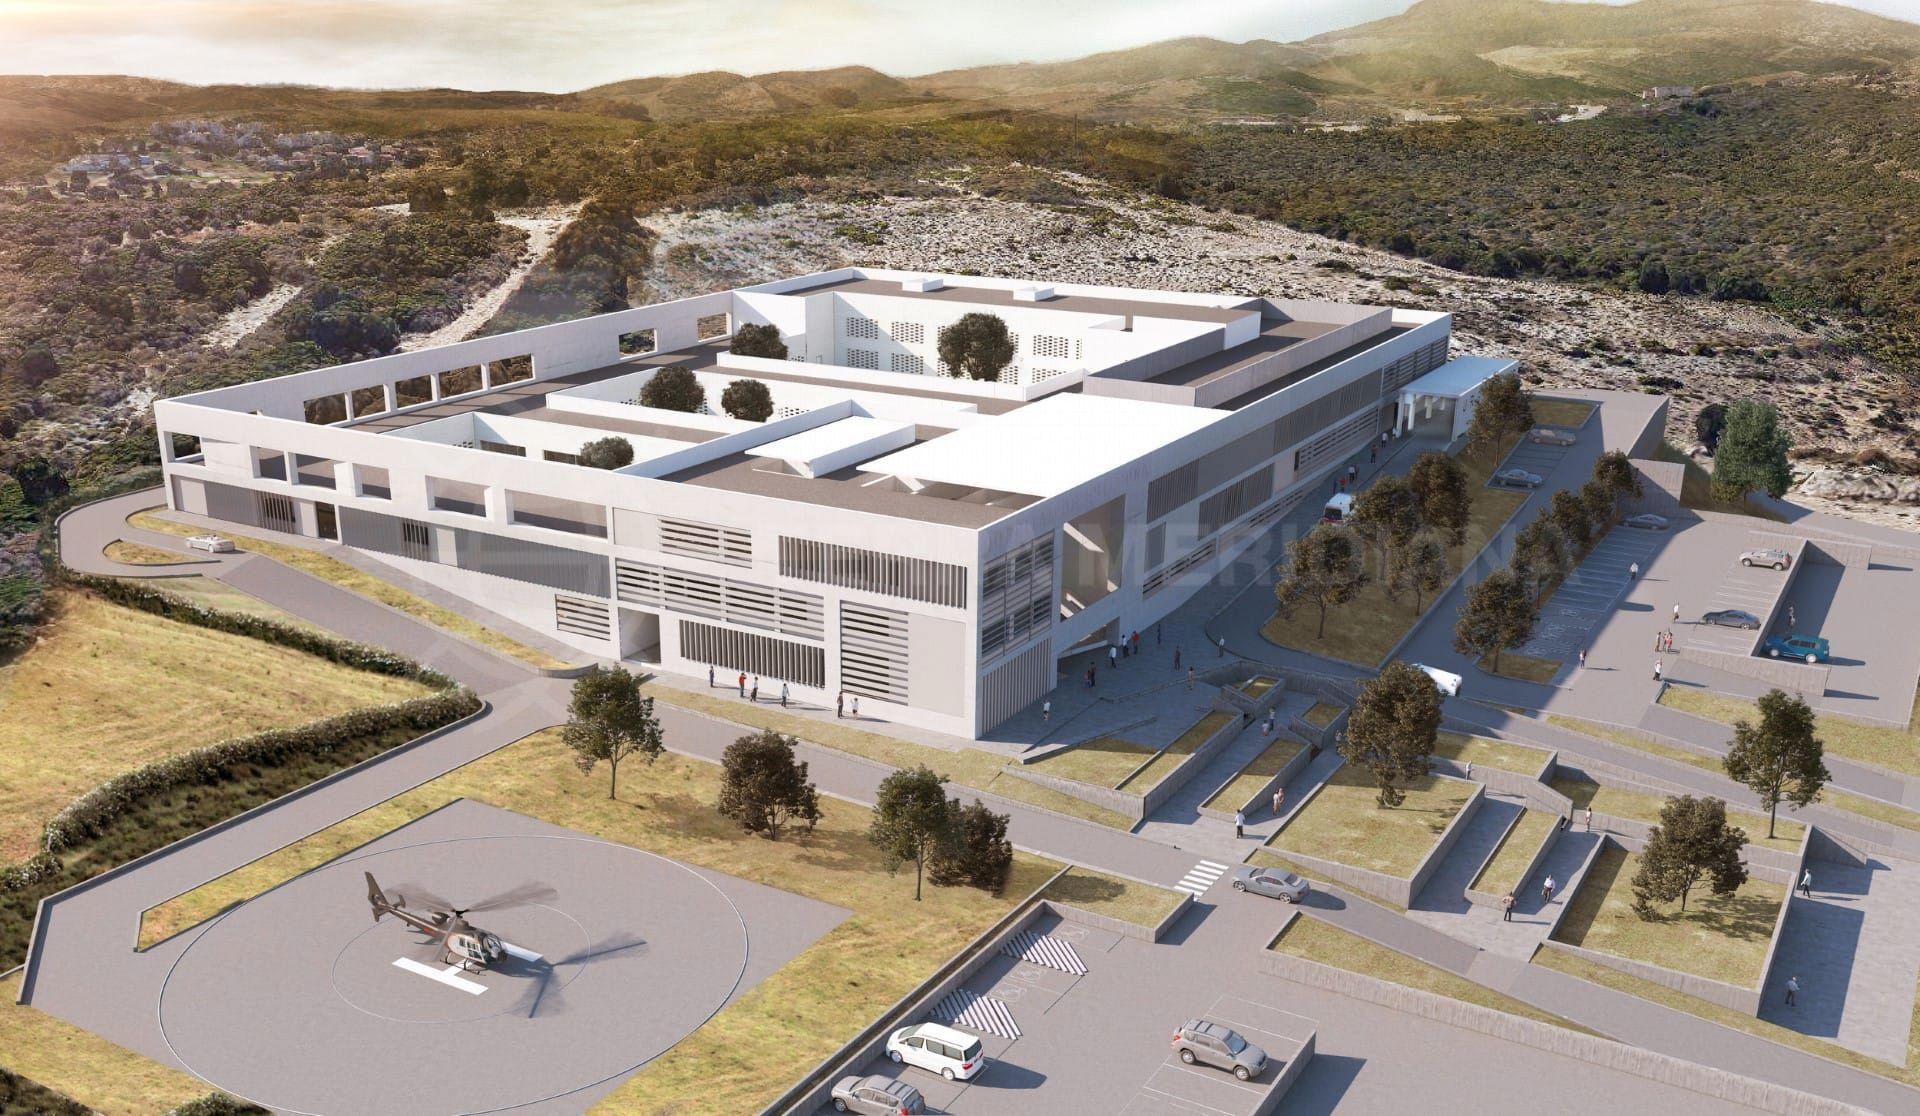 Las obras de construcción del nuevo hospital de Estepona terminaron en Diciembre de 2018